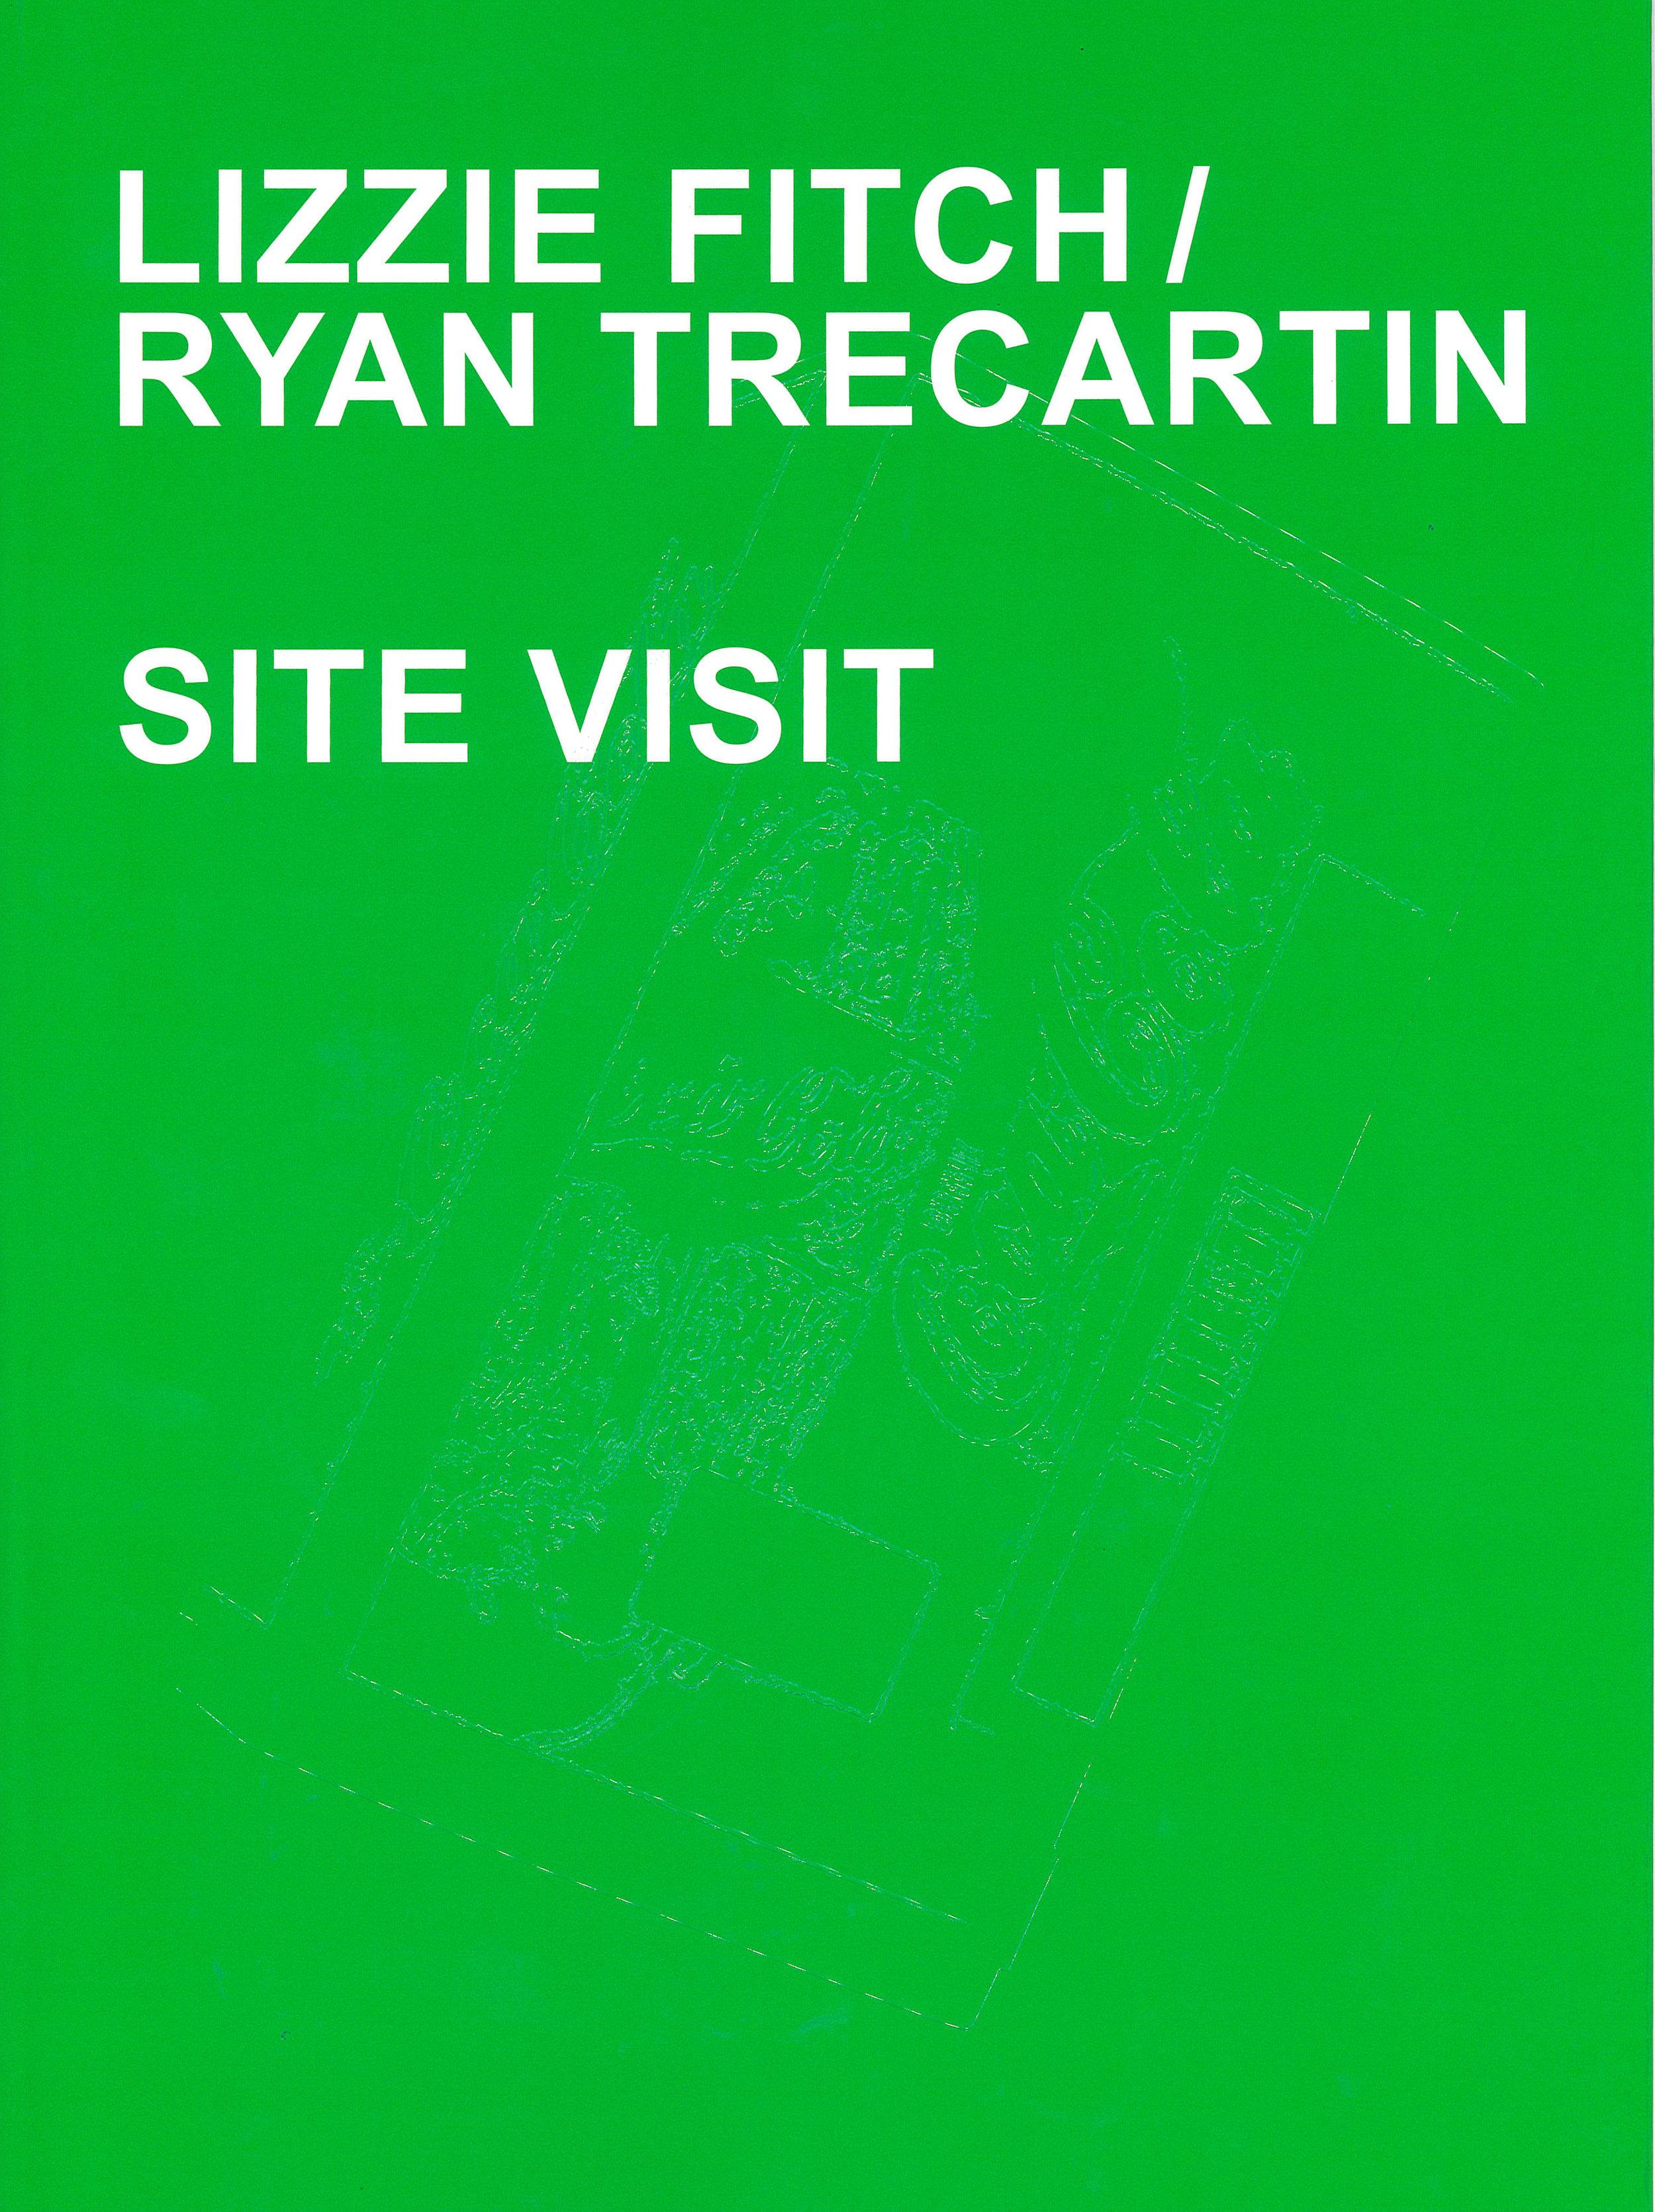 Lizzie_Fitch_Ryan_Trecartin_Site_Visit_KW_Kunstwerke_Berlin_2015.jpg